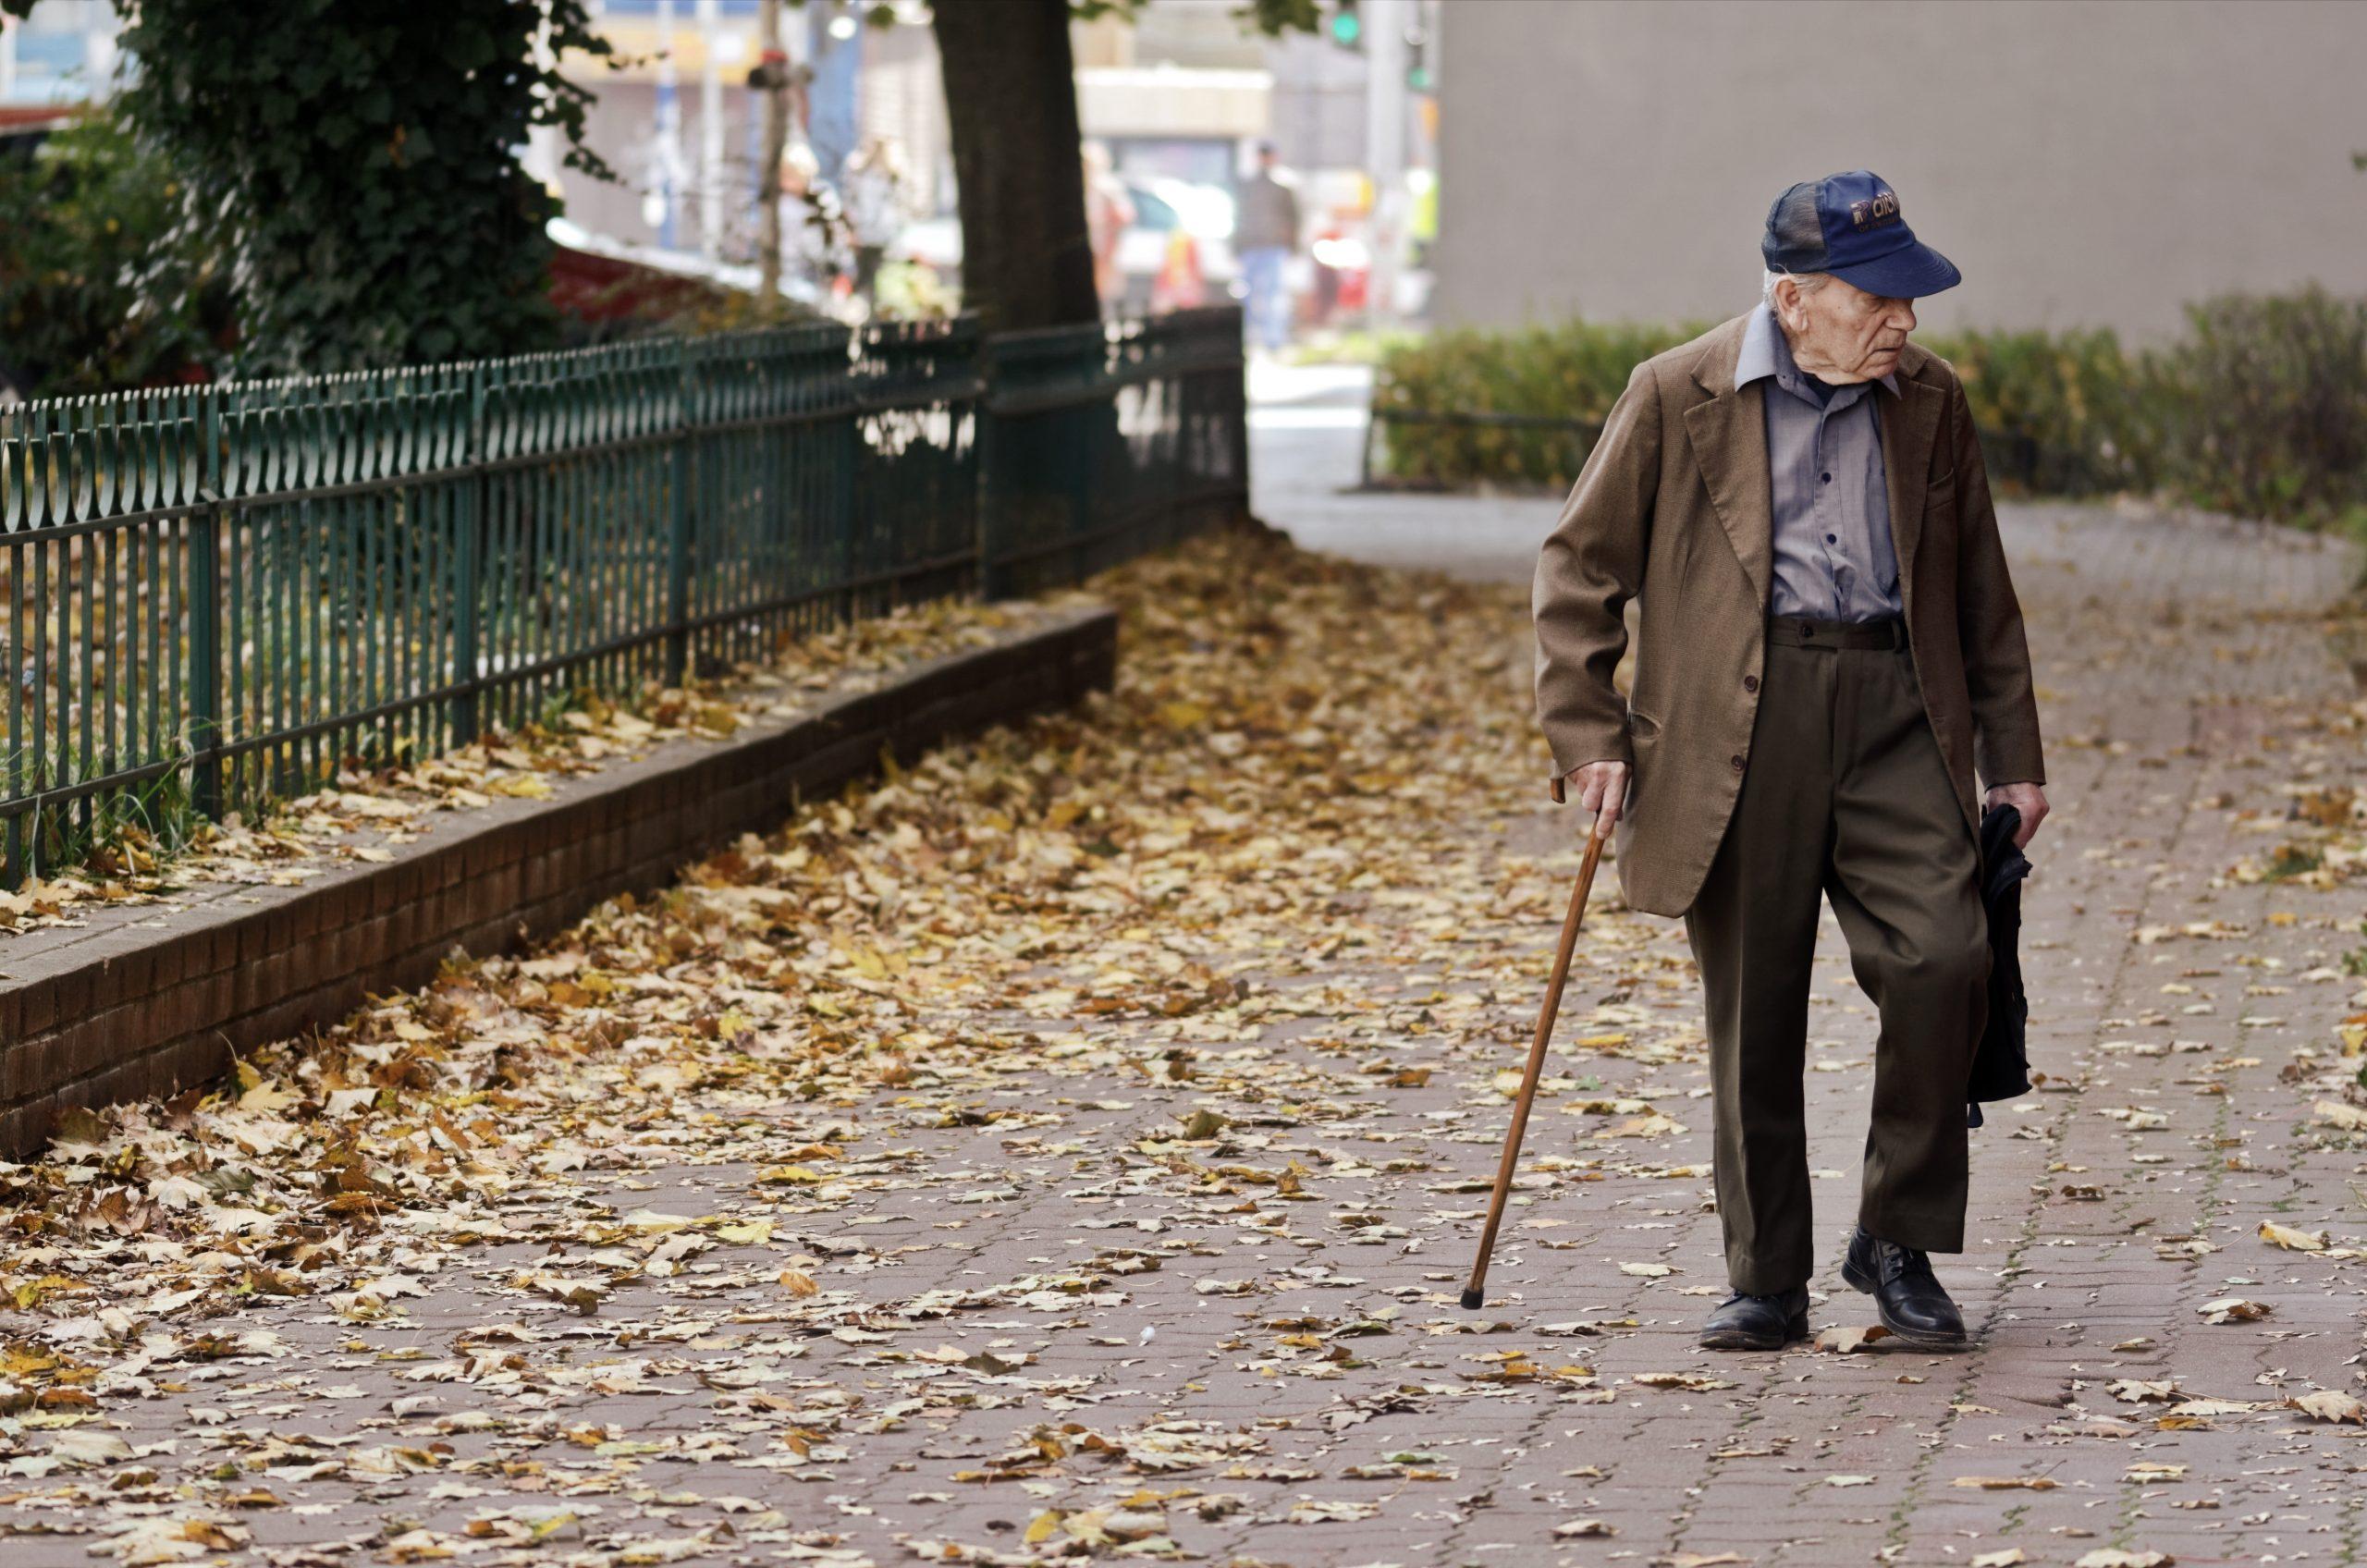 บริการดูแลผู้สูงอายุรายวัน